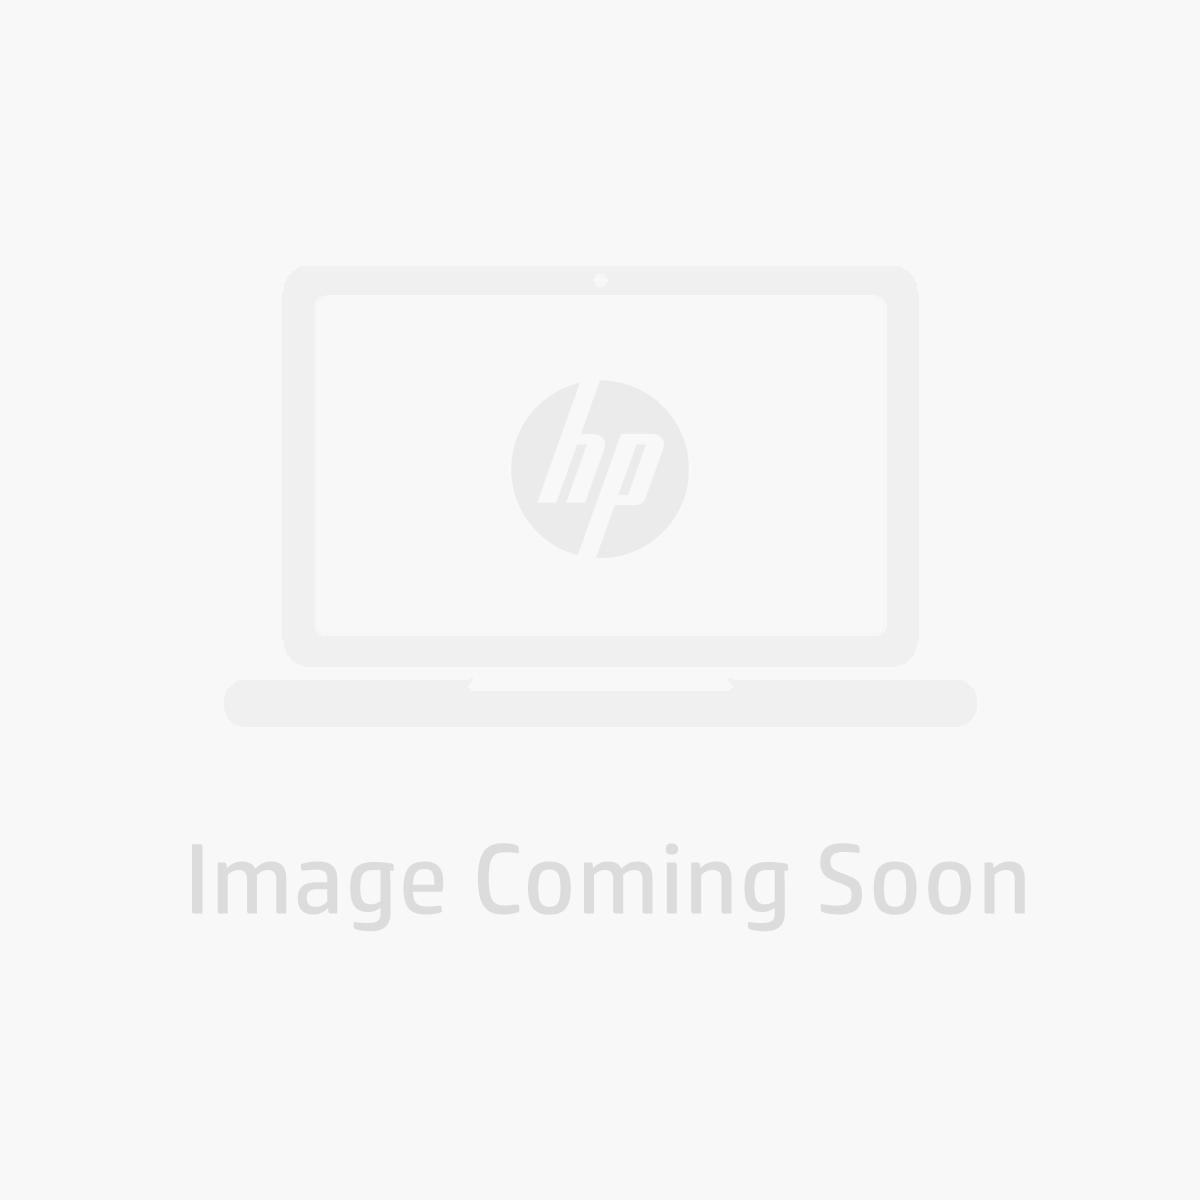 HP Ink Tank Wireless 315